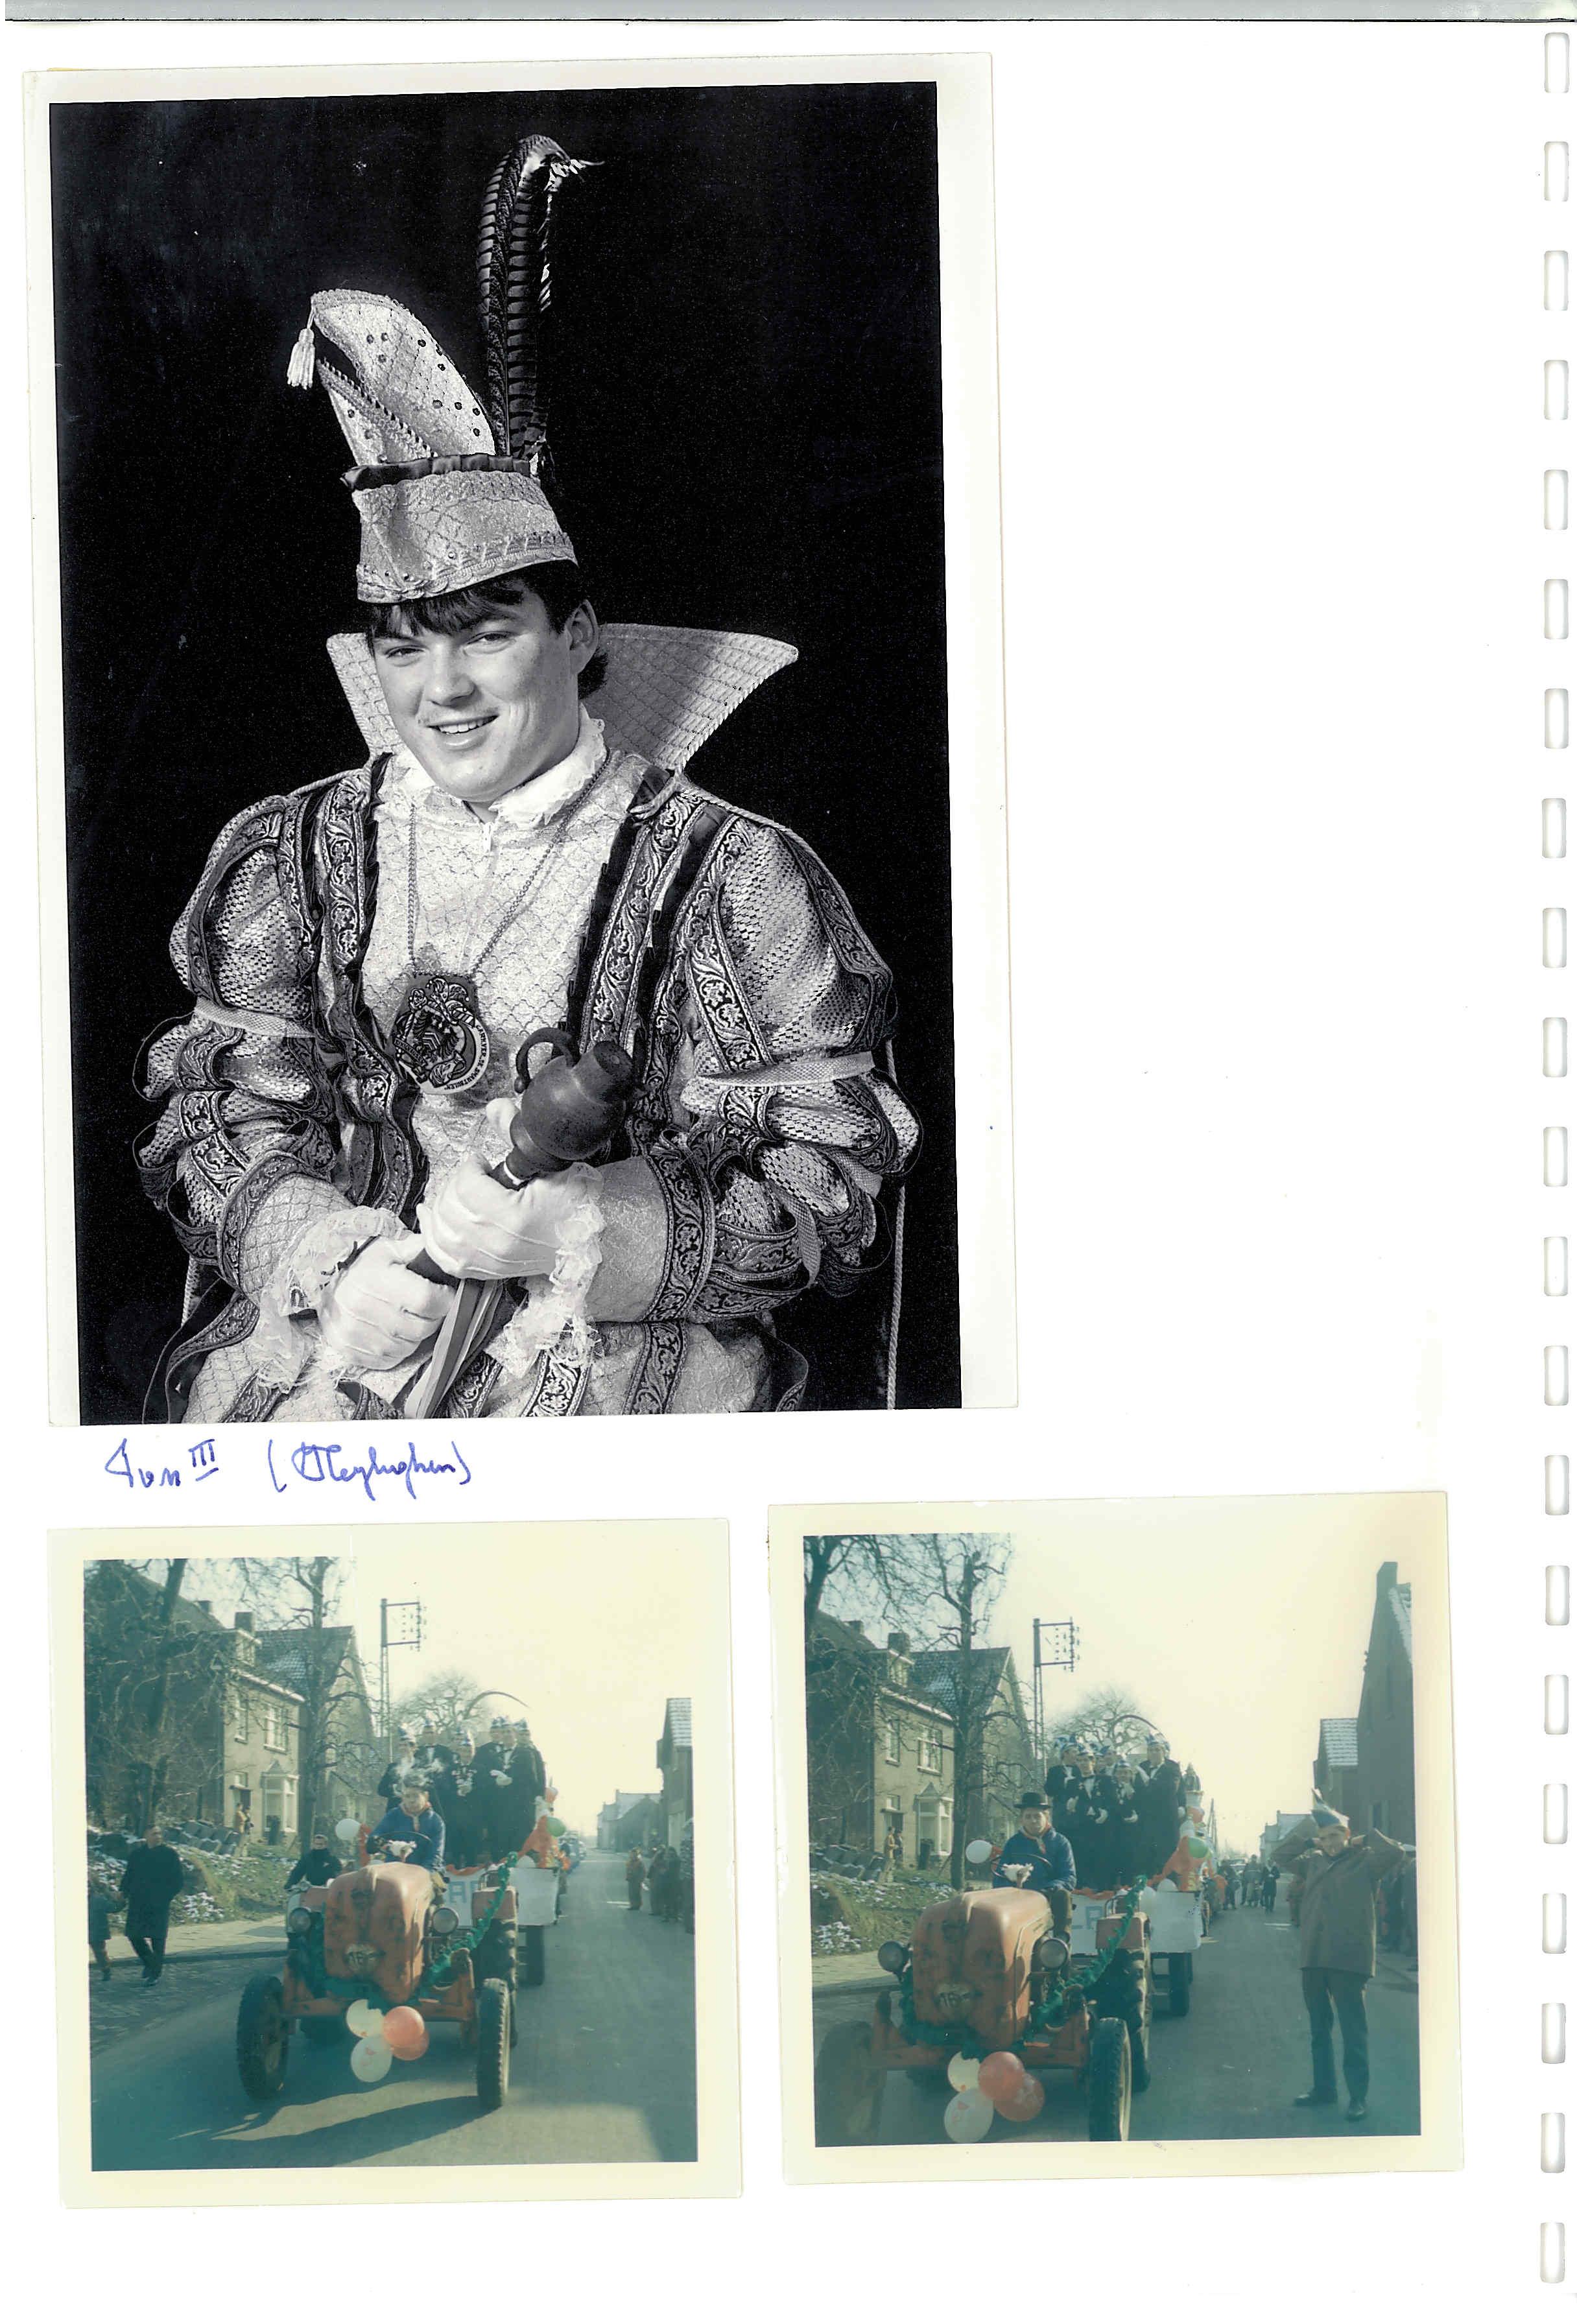 Fotoboek I Louis Heylighen p19